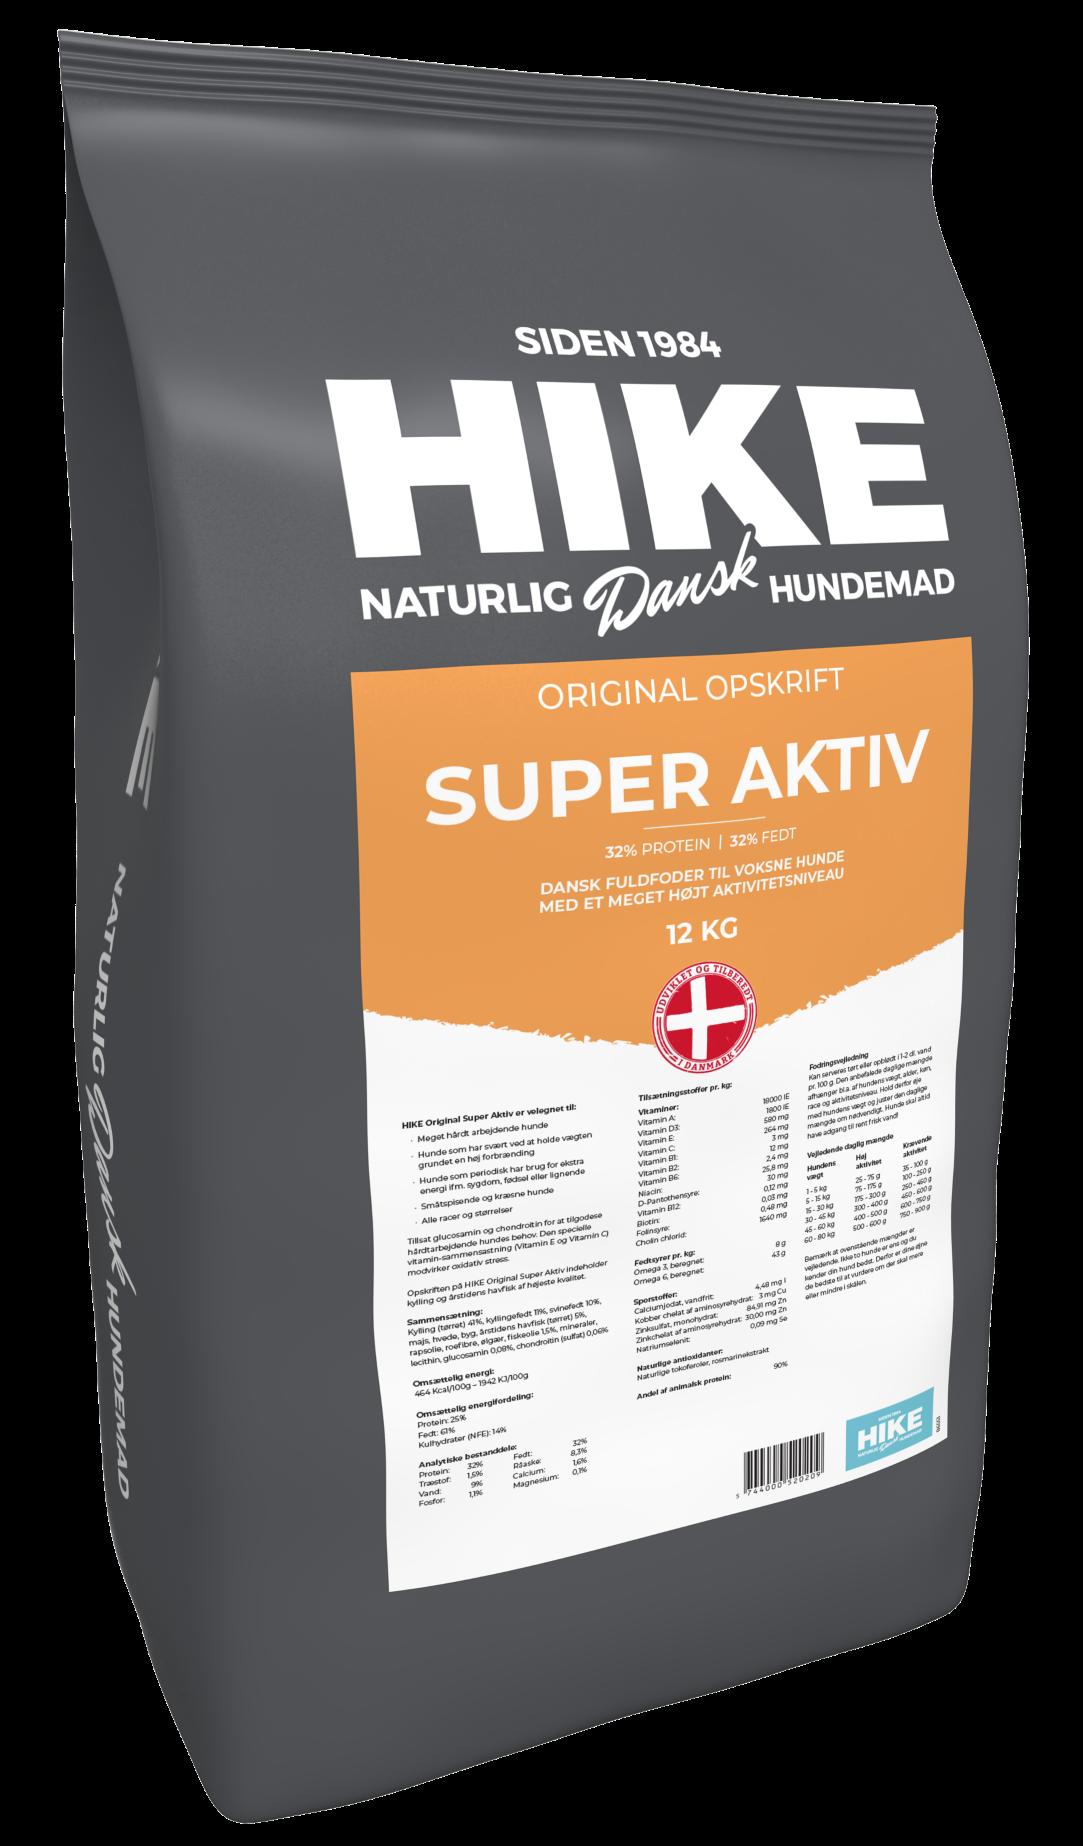 HIKE ORIGINAL Super Aktiv 32/32 hundemad 12 kg